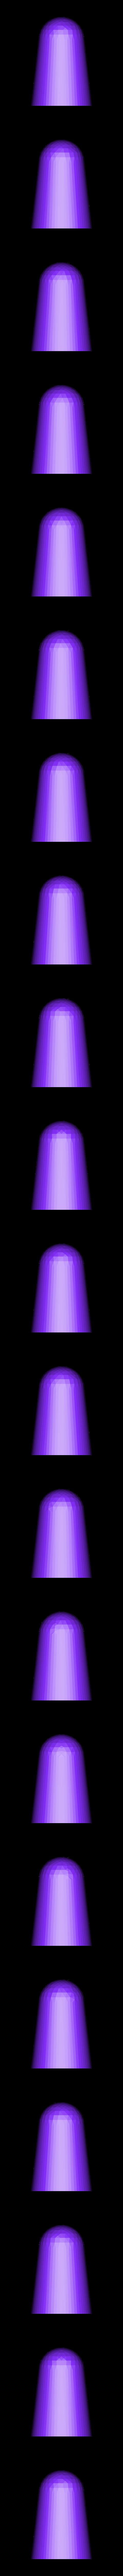 de_couture.stl Télécharger fichier STL gratuit dé de couture • Modèle pour impression 3D, angedemon888